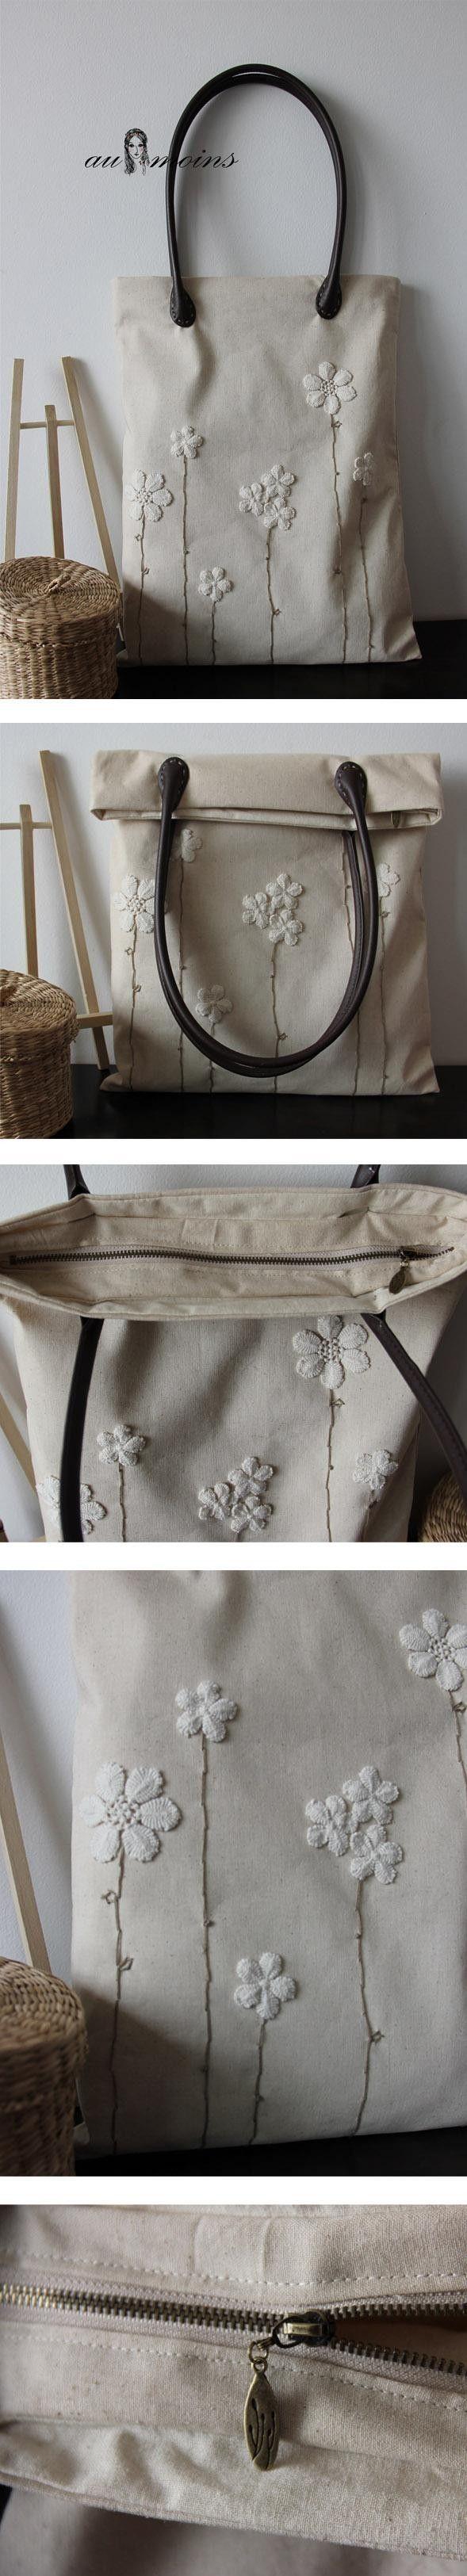 一品泊手工缝制 蕾丝花朵 清新 棉麻布包包 …_来自visitvisit的图片分享-堆糖网